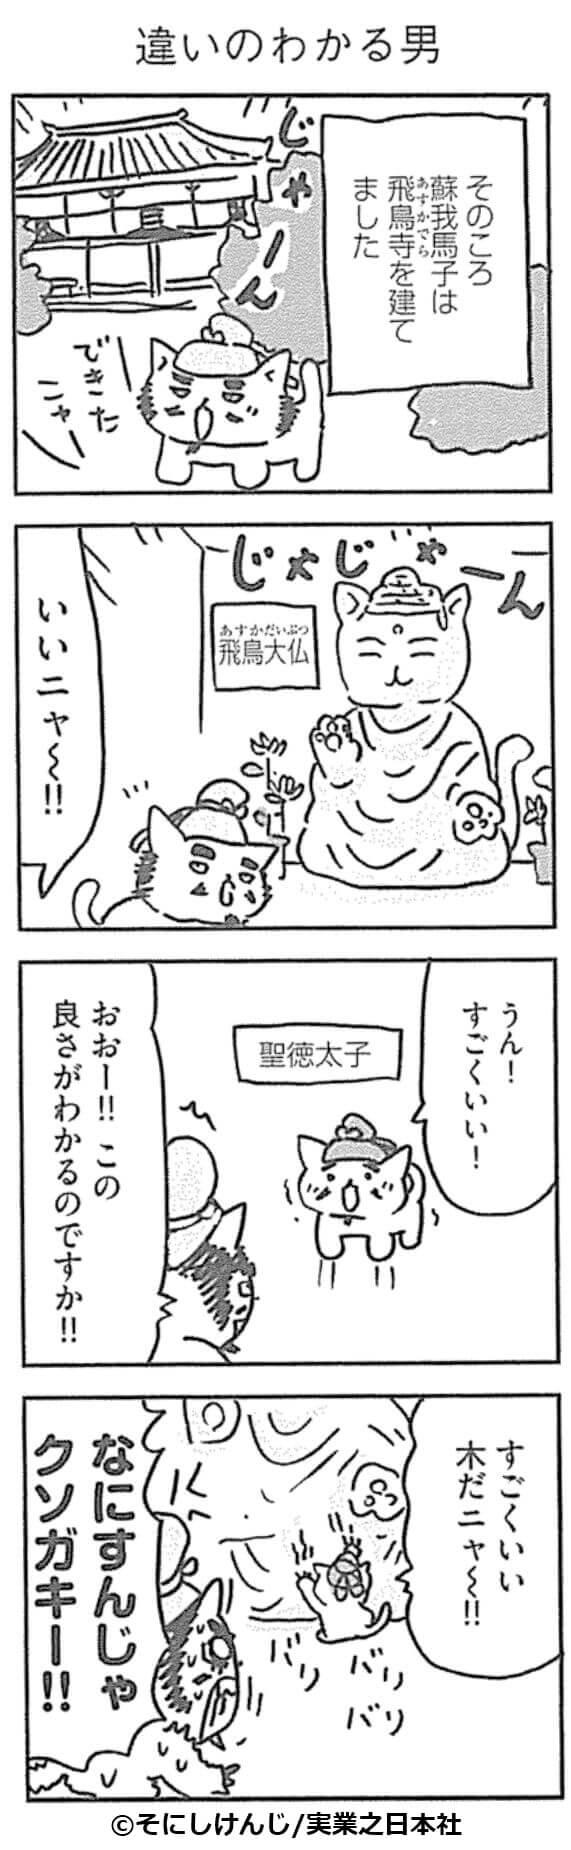 日本 史 ねこねこ